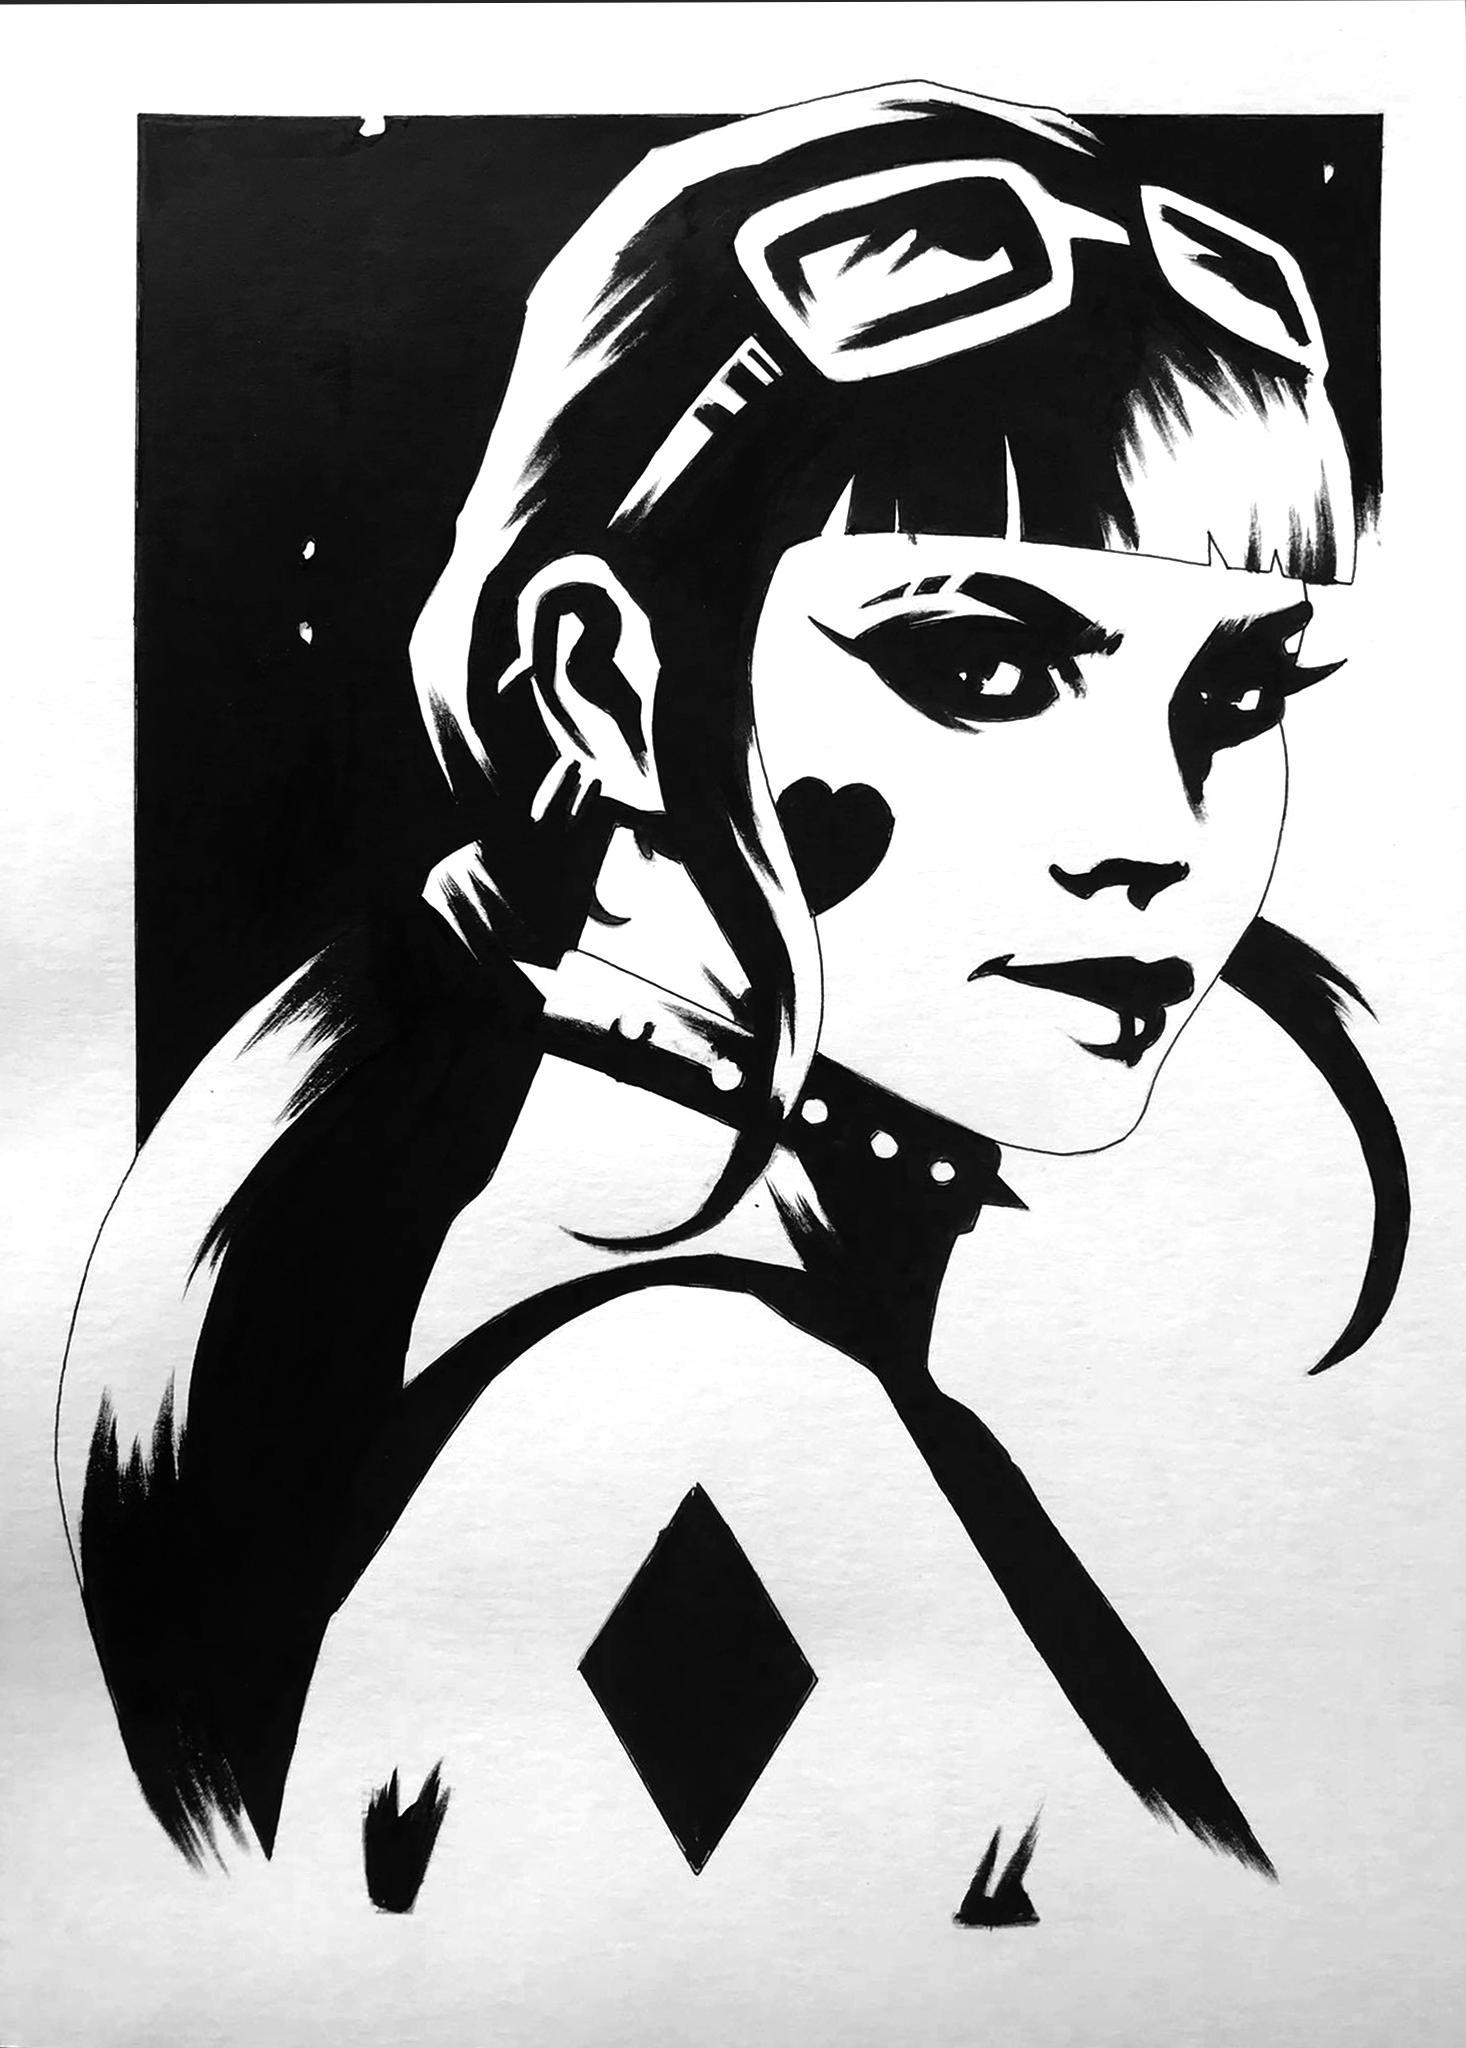 Harley Quinn  Ink  - A4 - 260 gr Bristol paper - usd 100